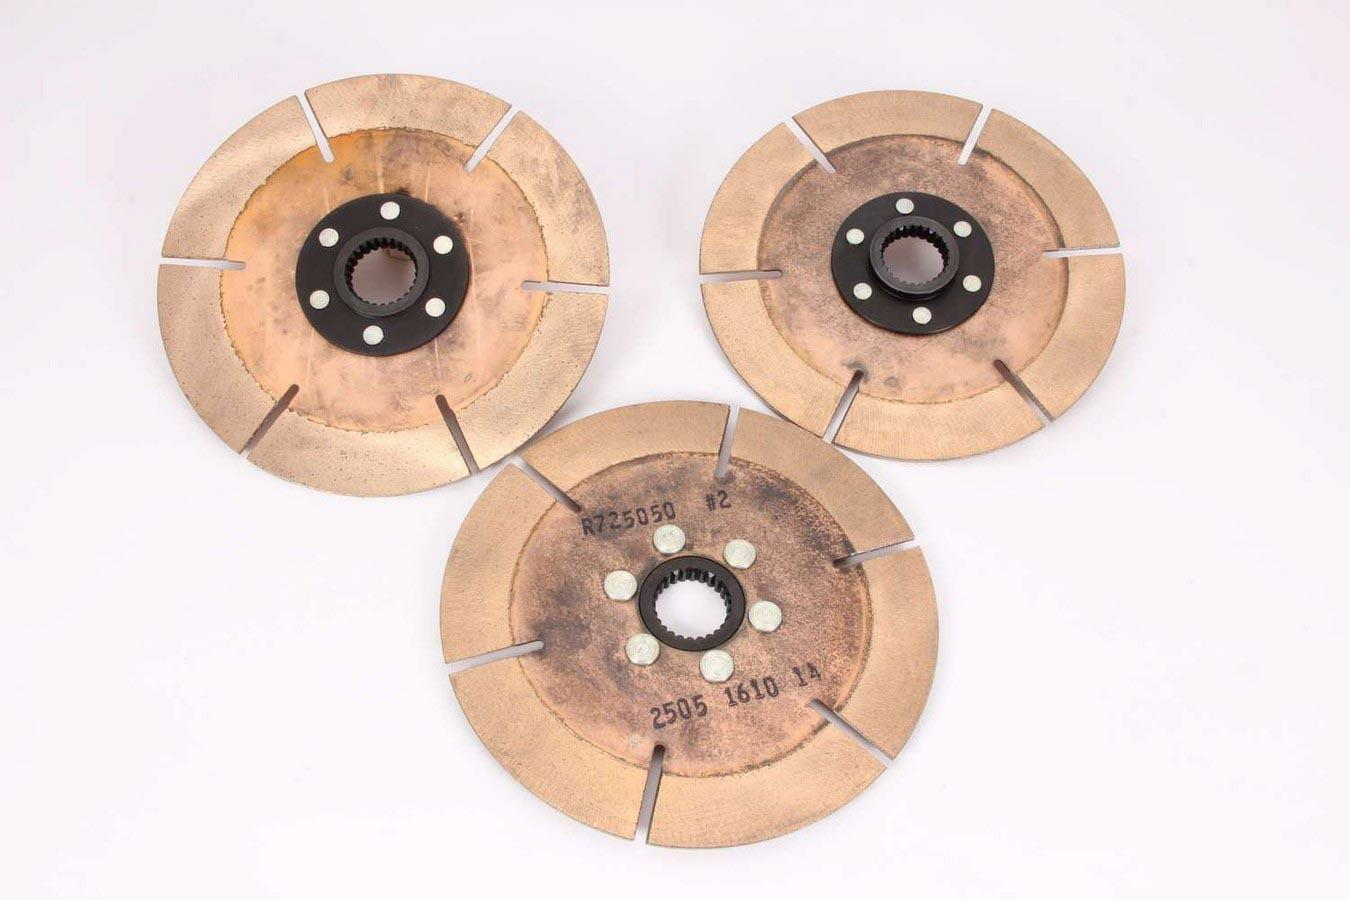 Clutch Pack 7.25in 3 Disc 26 Spline